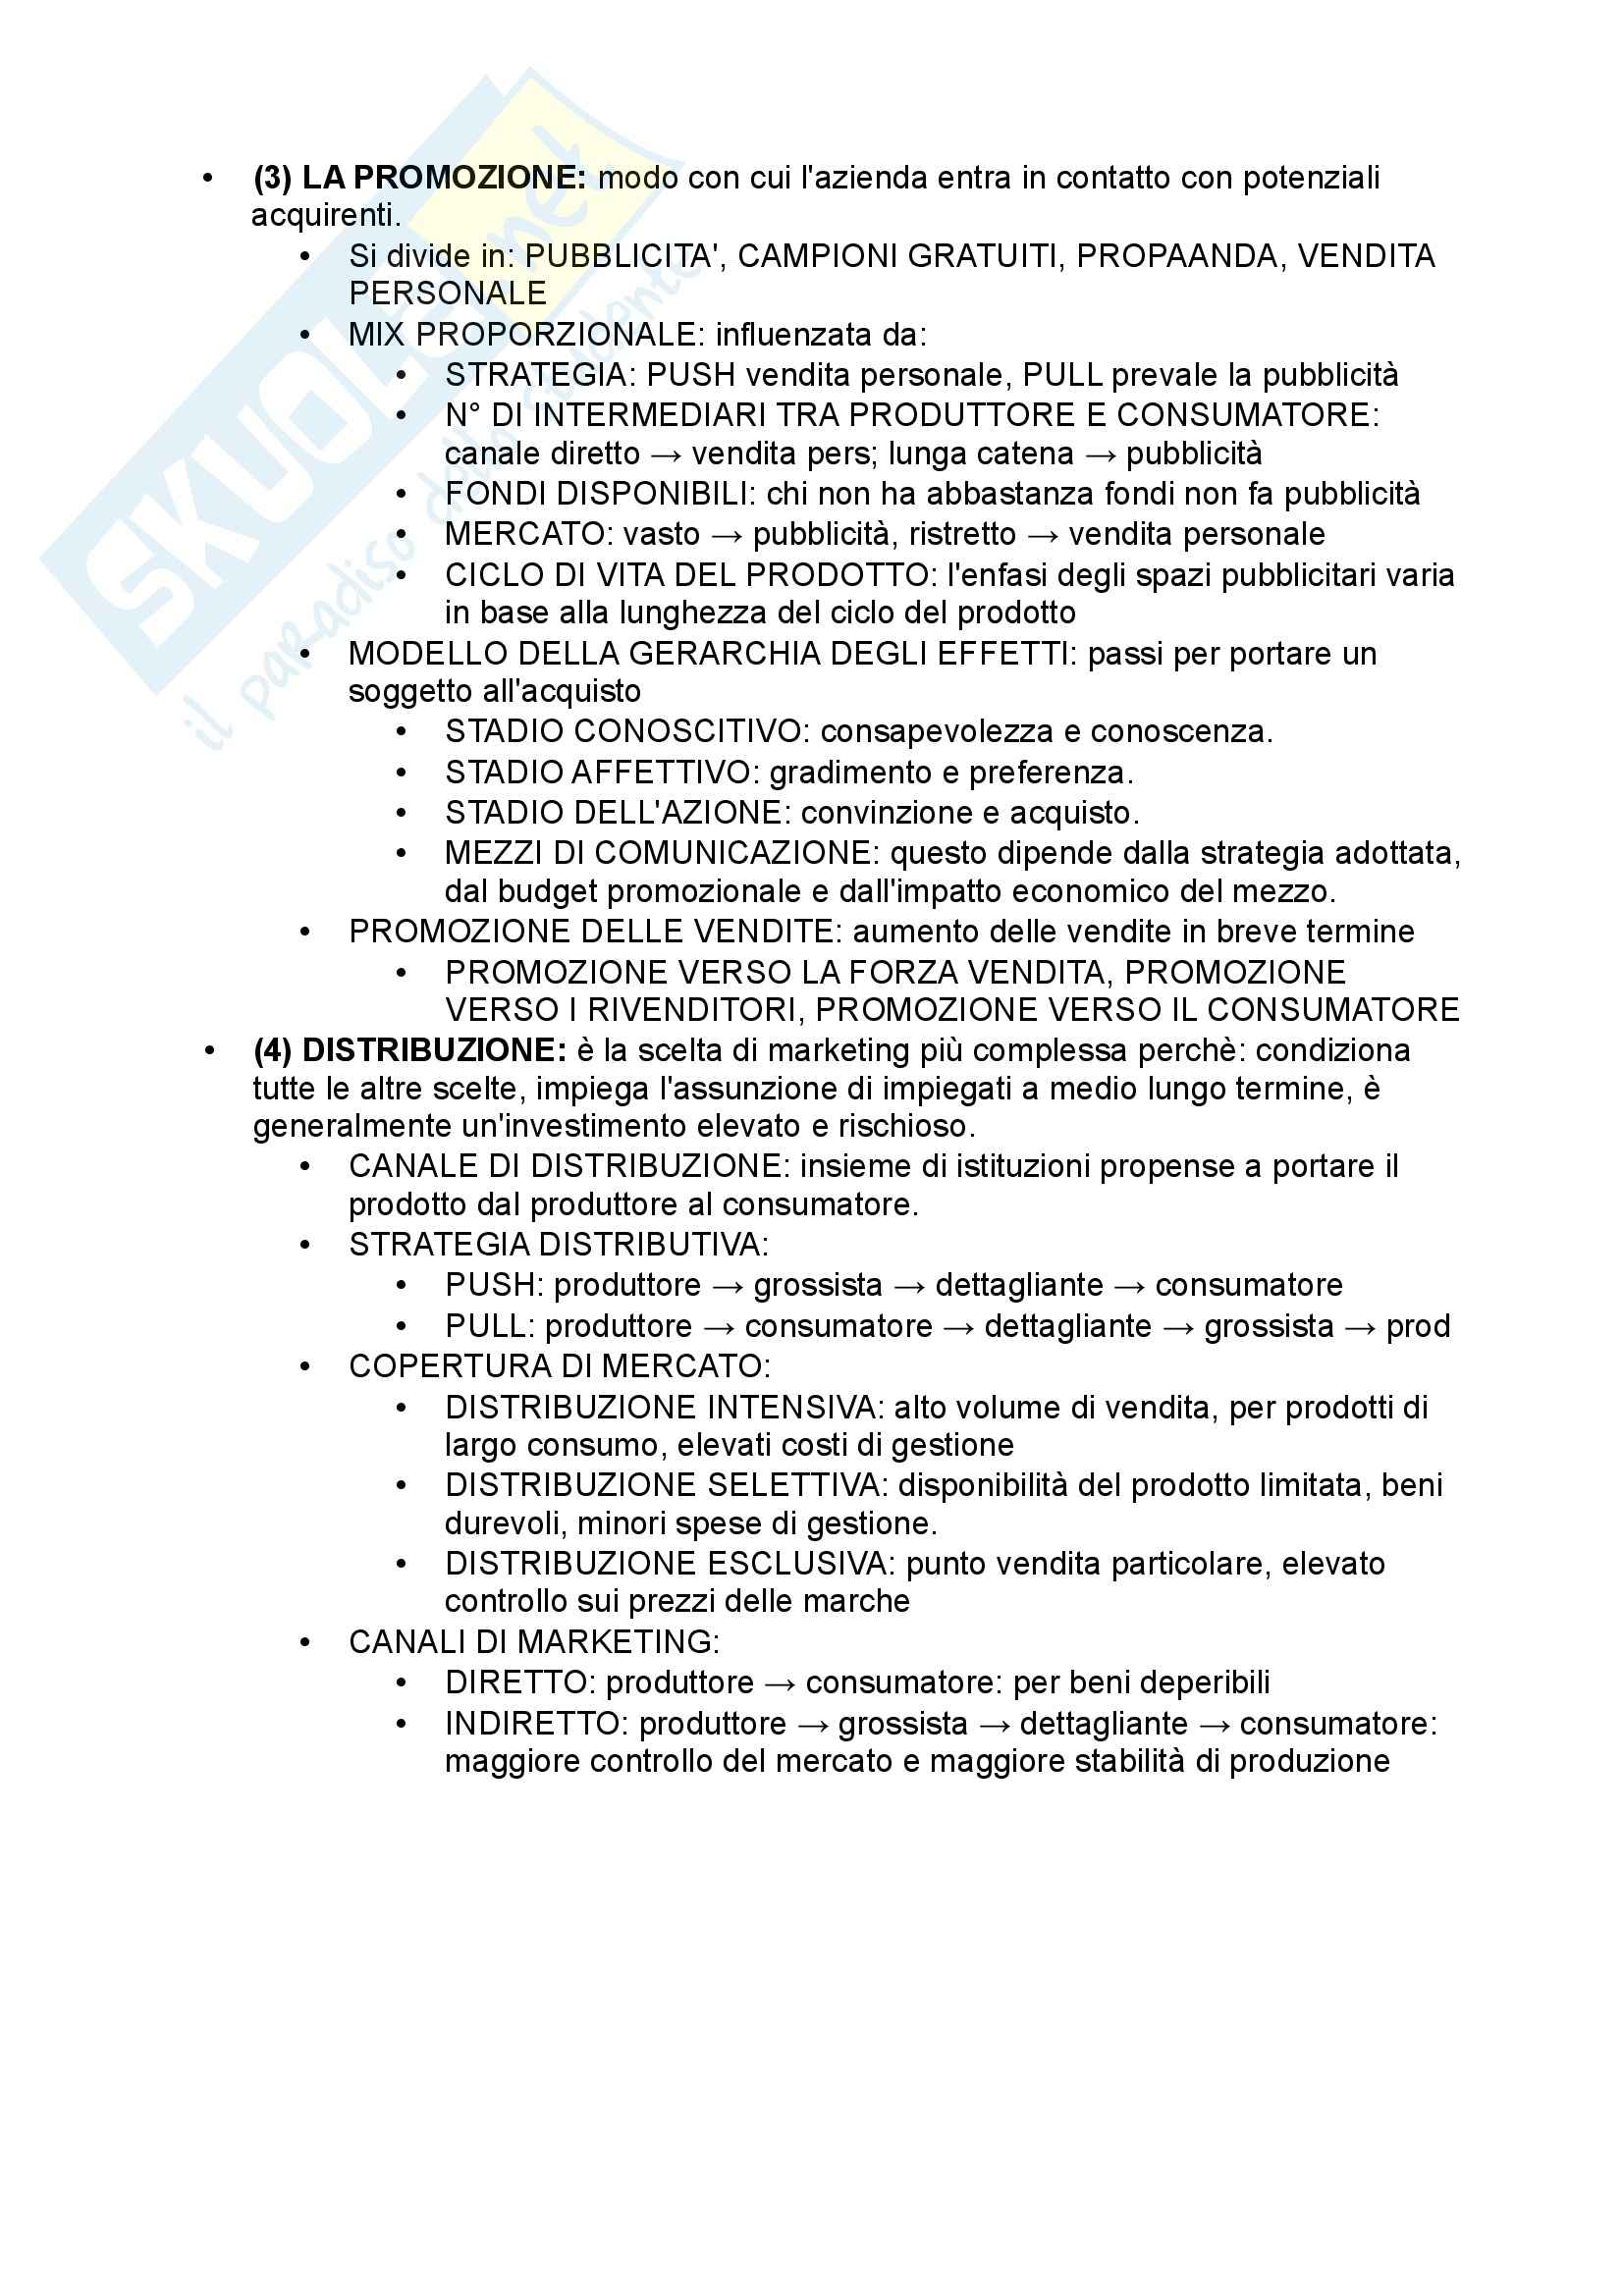 Lezioni, Gestione aziendale Pag. 6